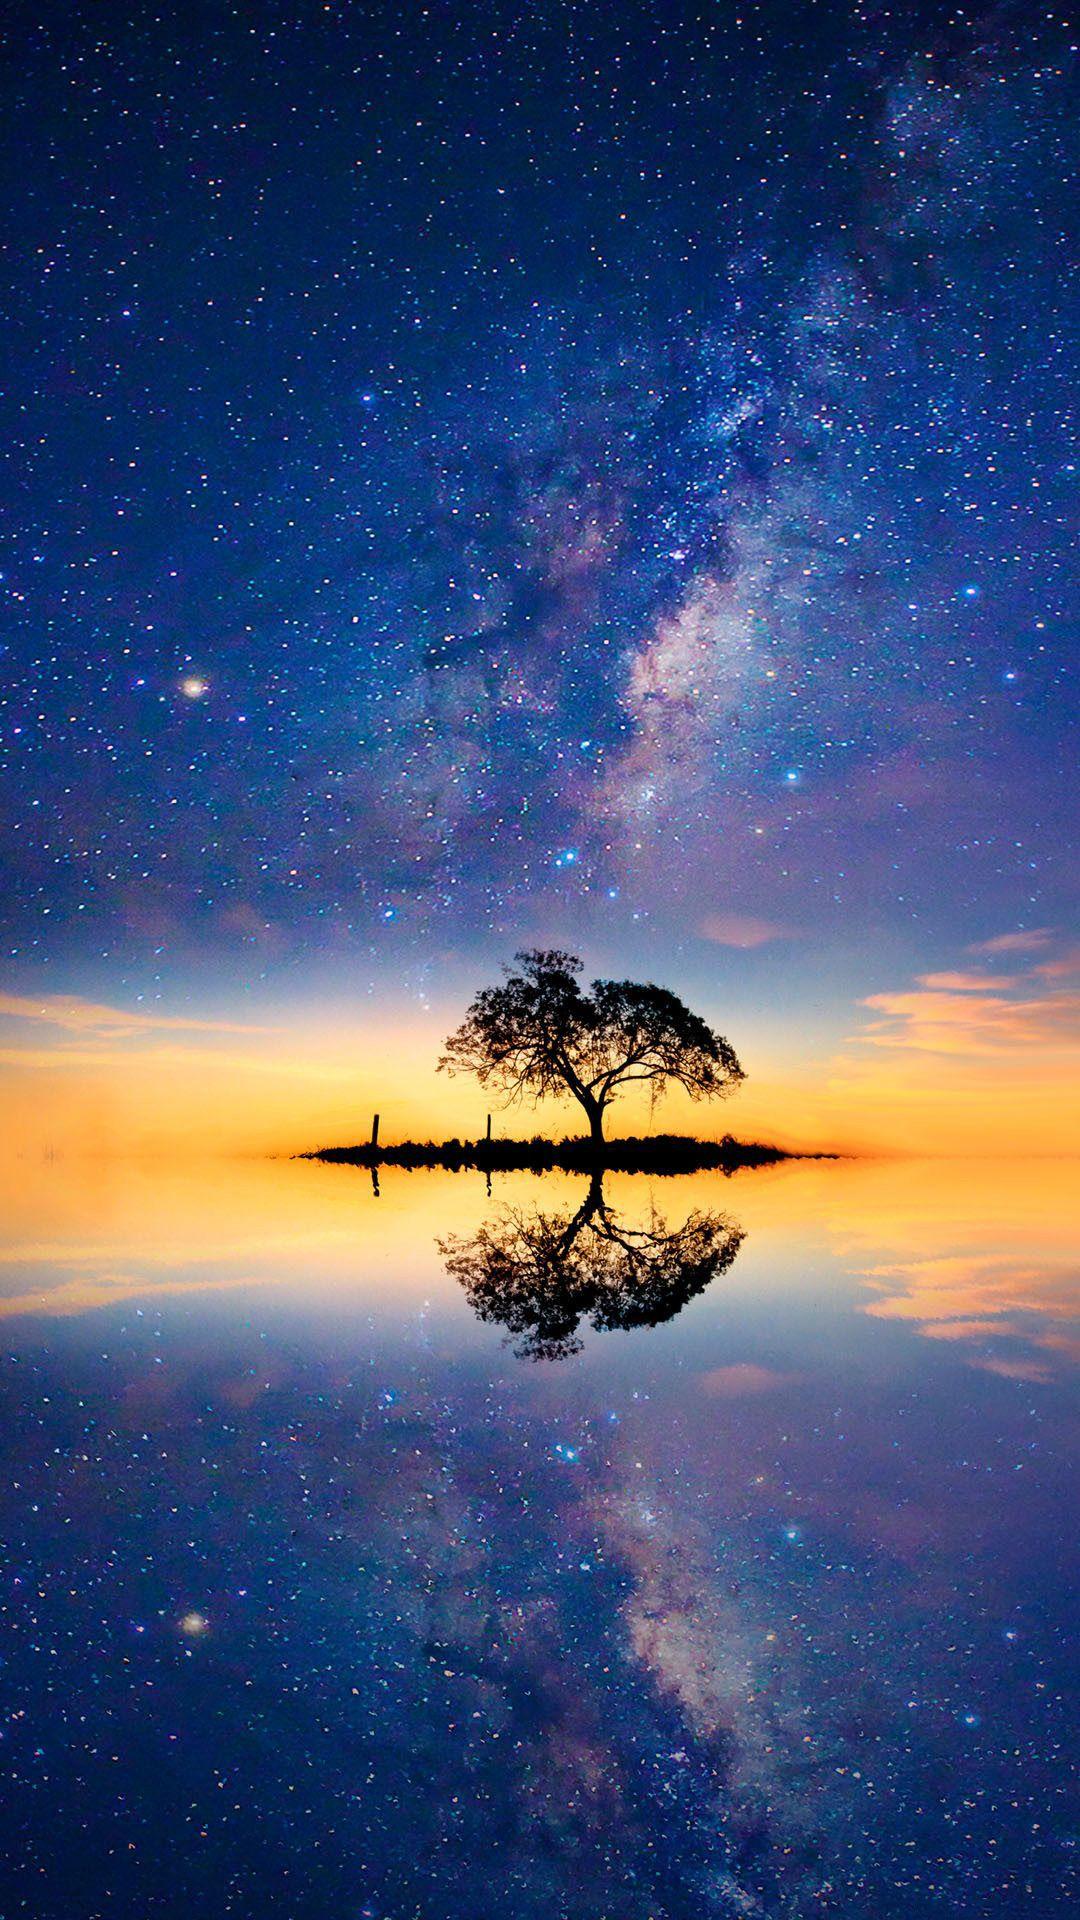 人気6位 星空の海 風景の壁紙 星 壁紙 美しい風景写真